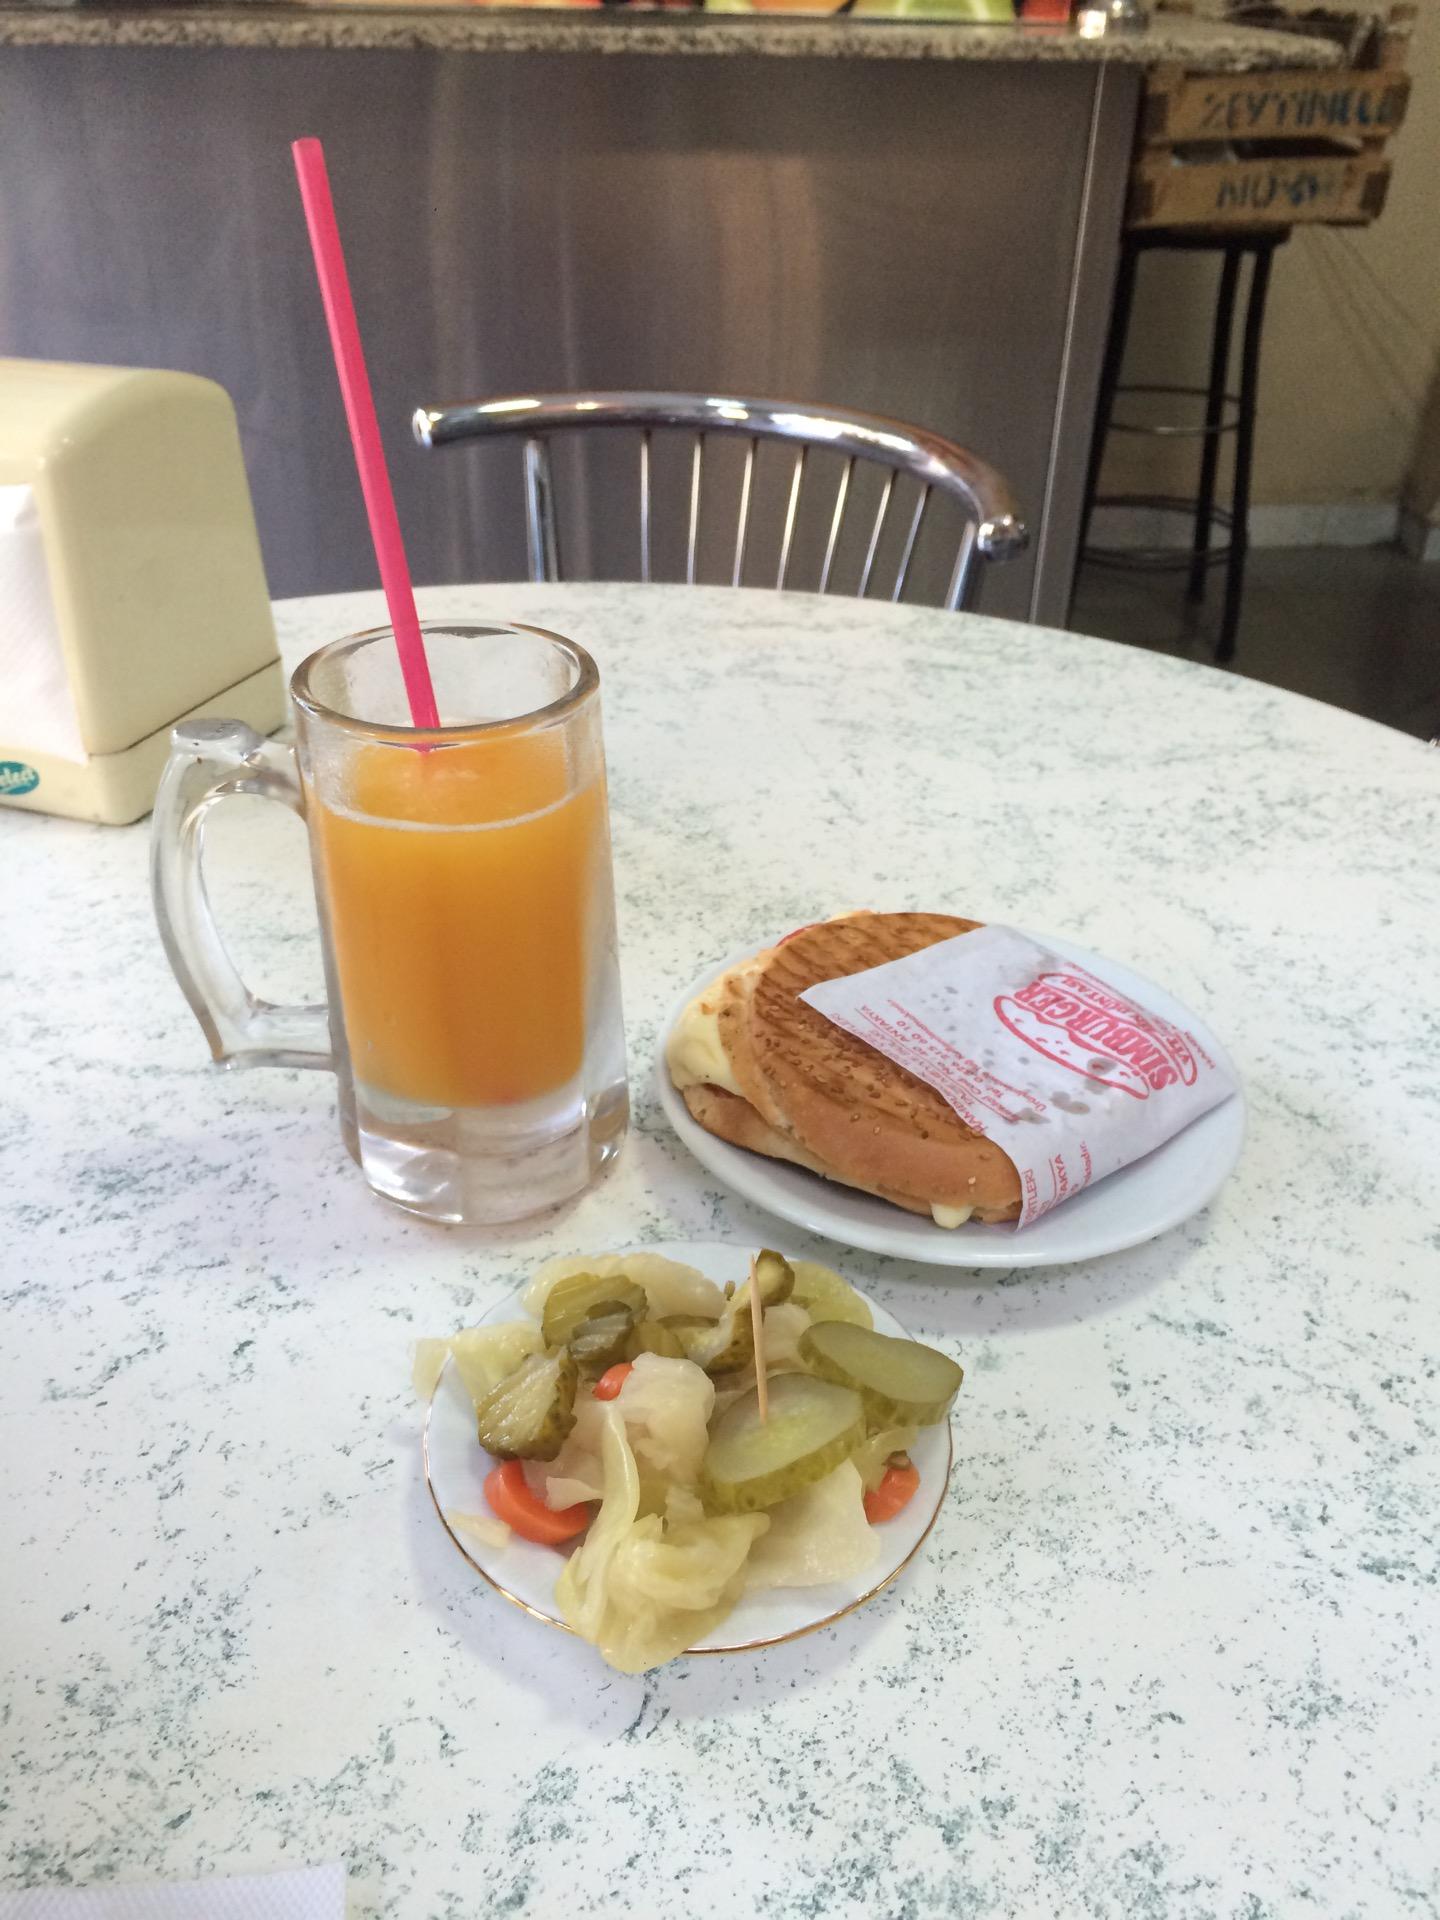 Simburger Vitamin Dünyası   Haraparası İstiklal Caddesi, 31060 Antakya/Hatay   +90 326 215 60 10